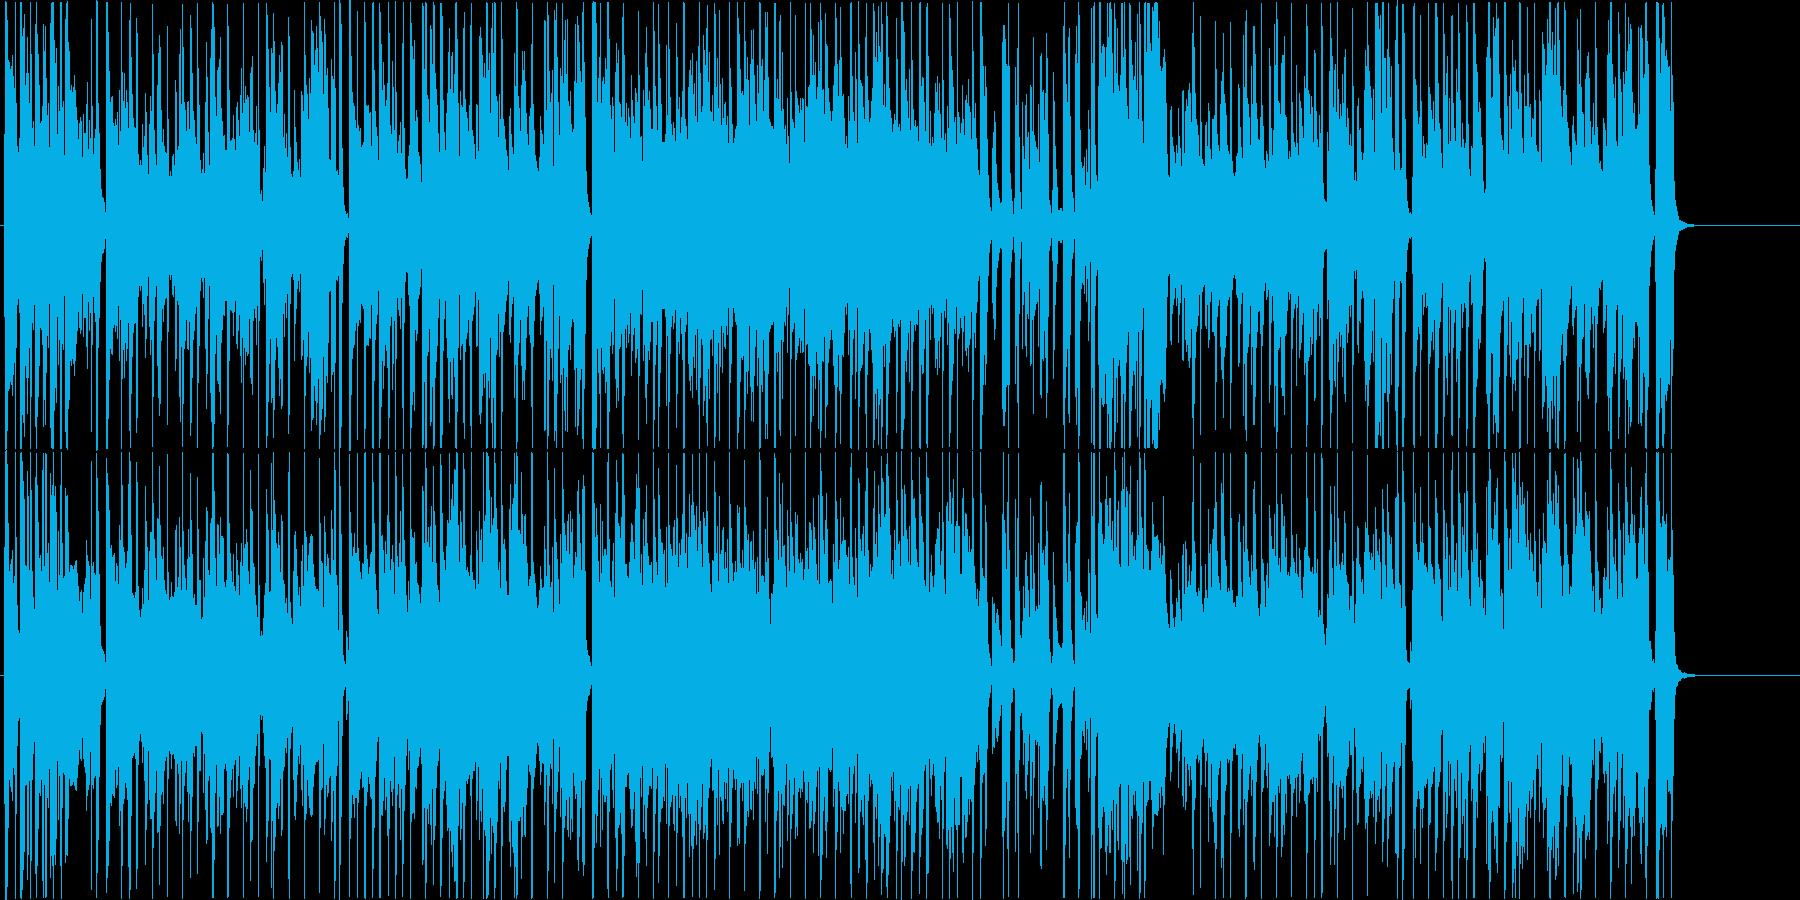 ジャズ風のまったりしたBGM。の再生済みの波形